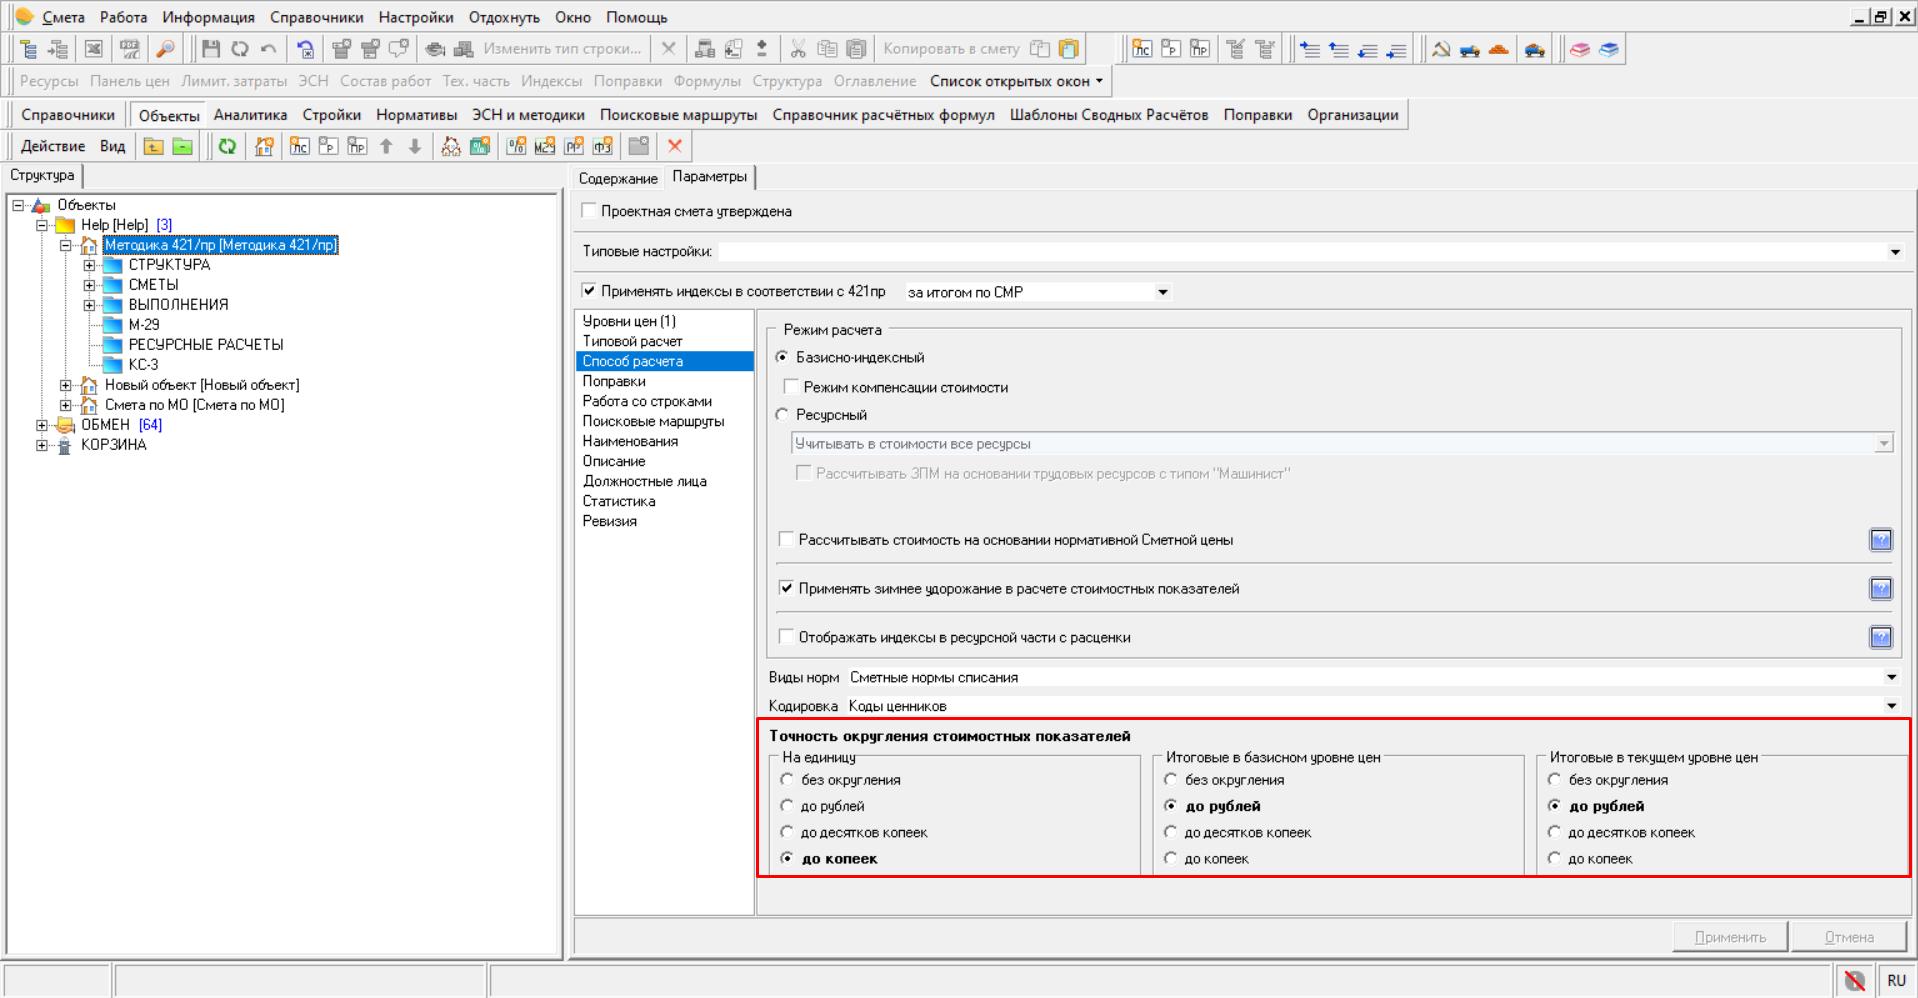 Параметры объекта - Способ расчета при использовании параметра Применять индексы в соответствии с 421пр.png